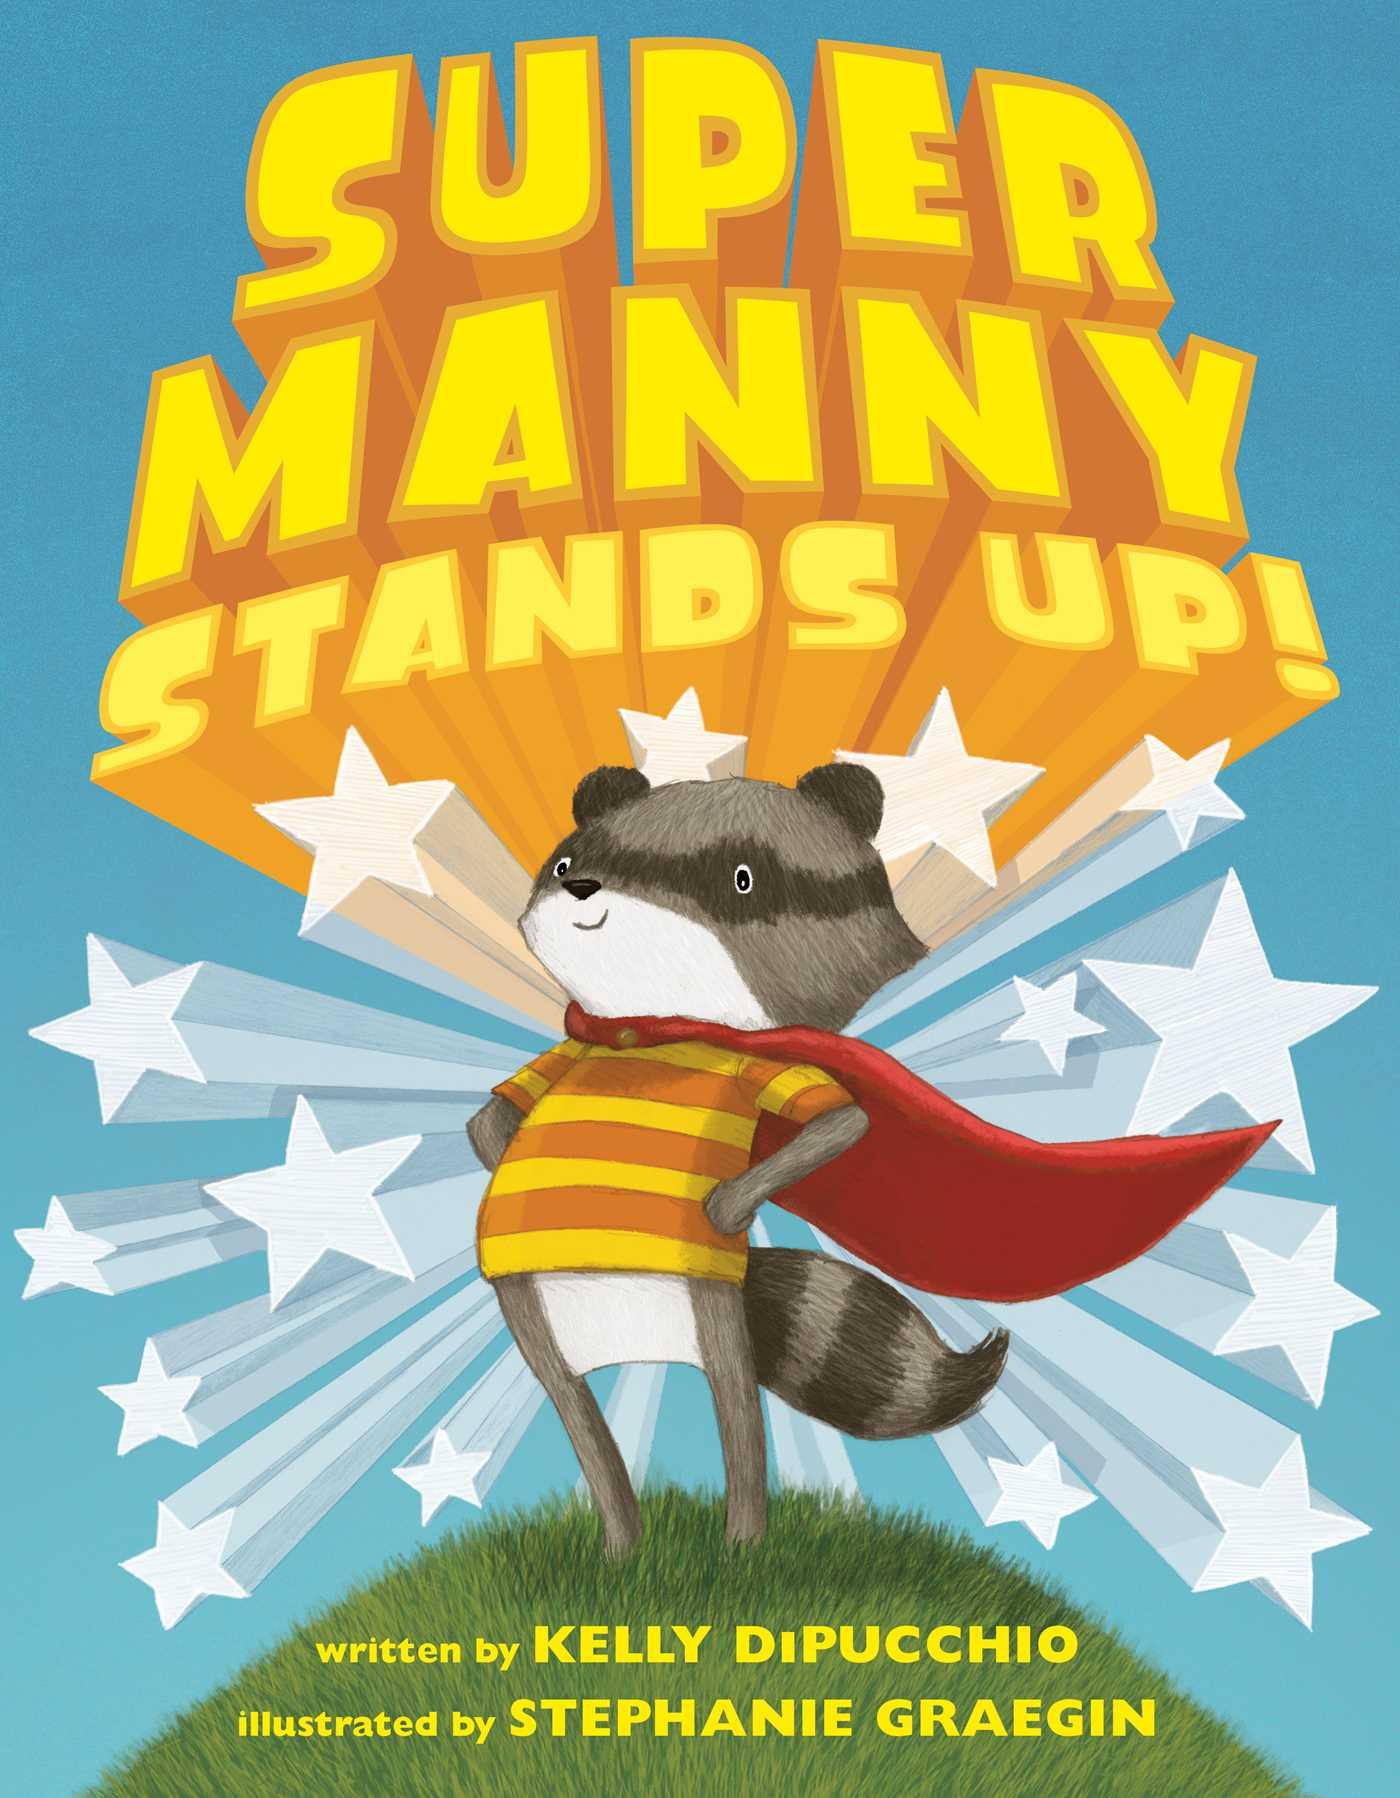 super-manny-stands-up-9781481459600_hr.jpg